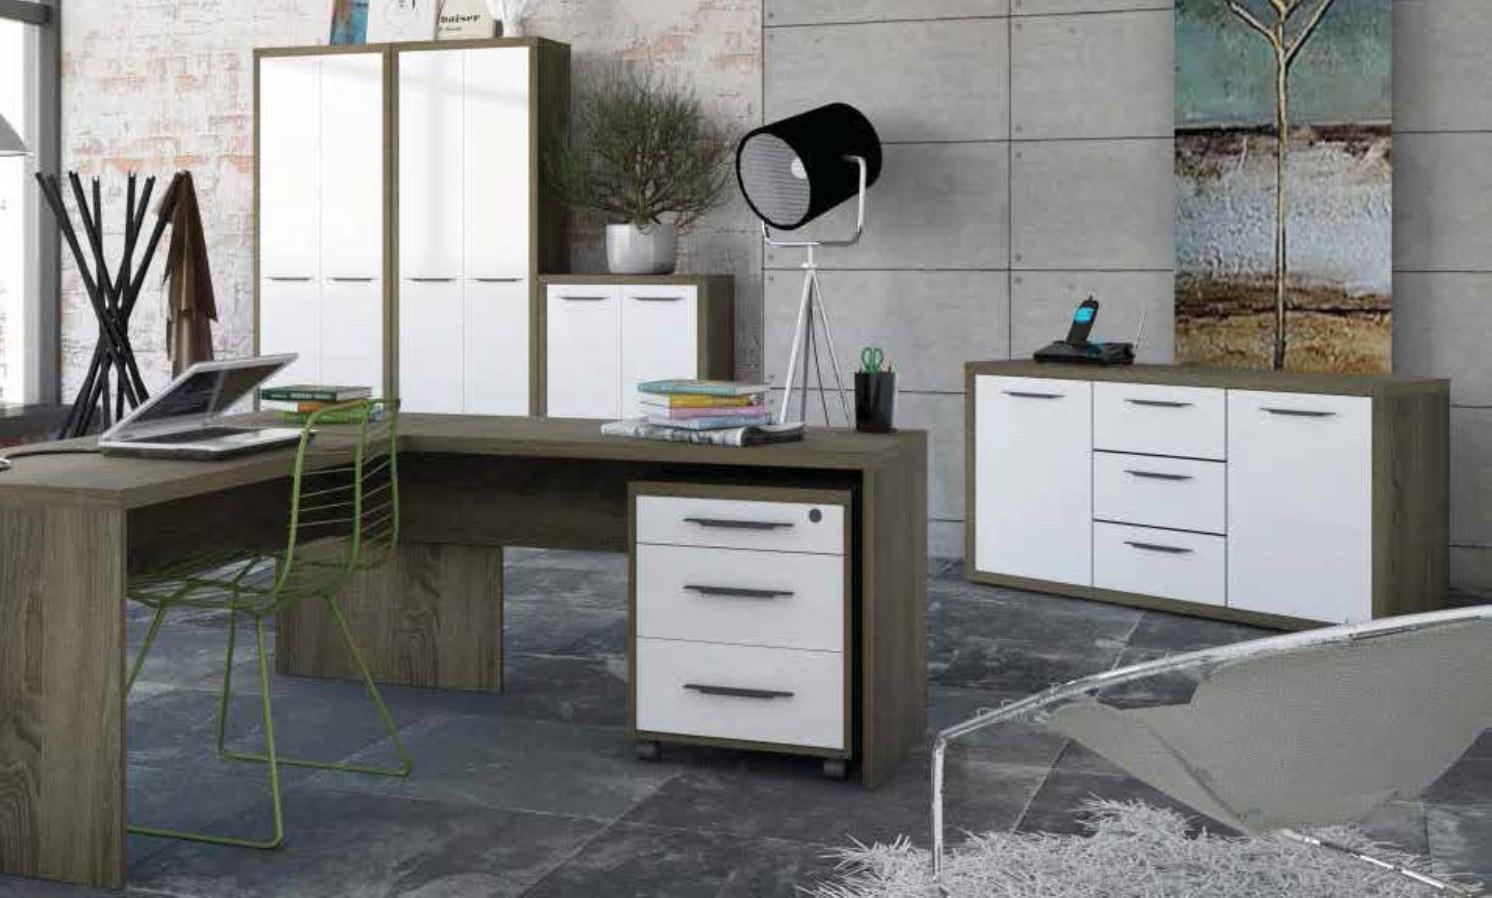 Scrivania Ufficio In Casa : Scrivania composad rovere tartufo cm h linea disegno